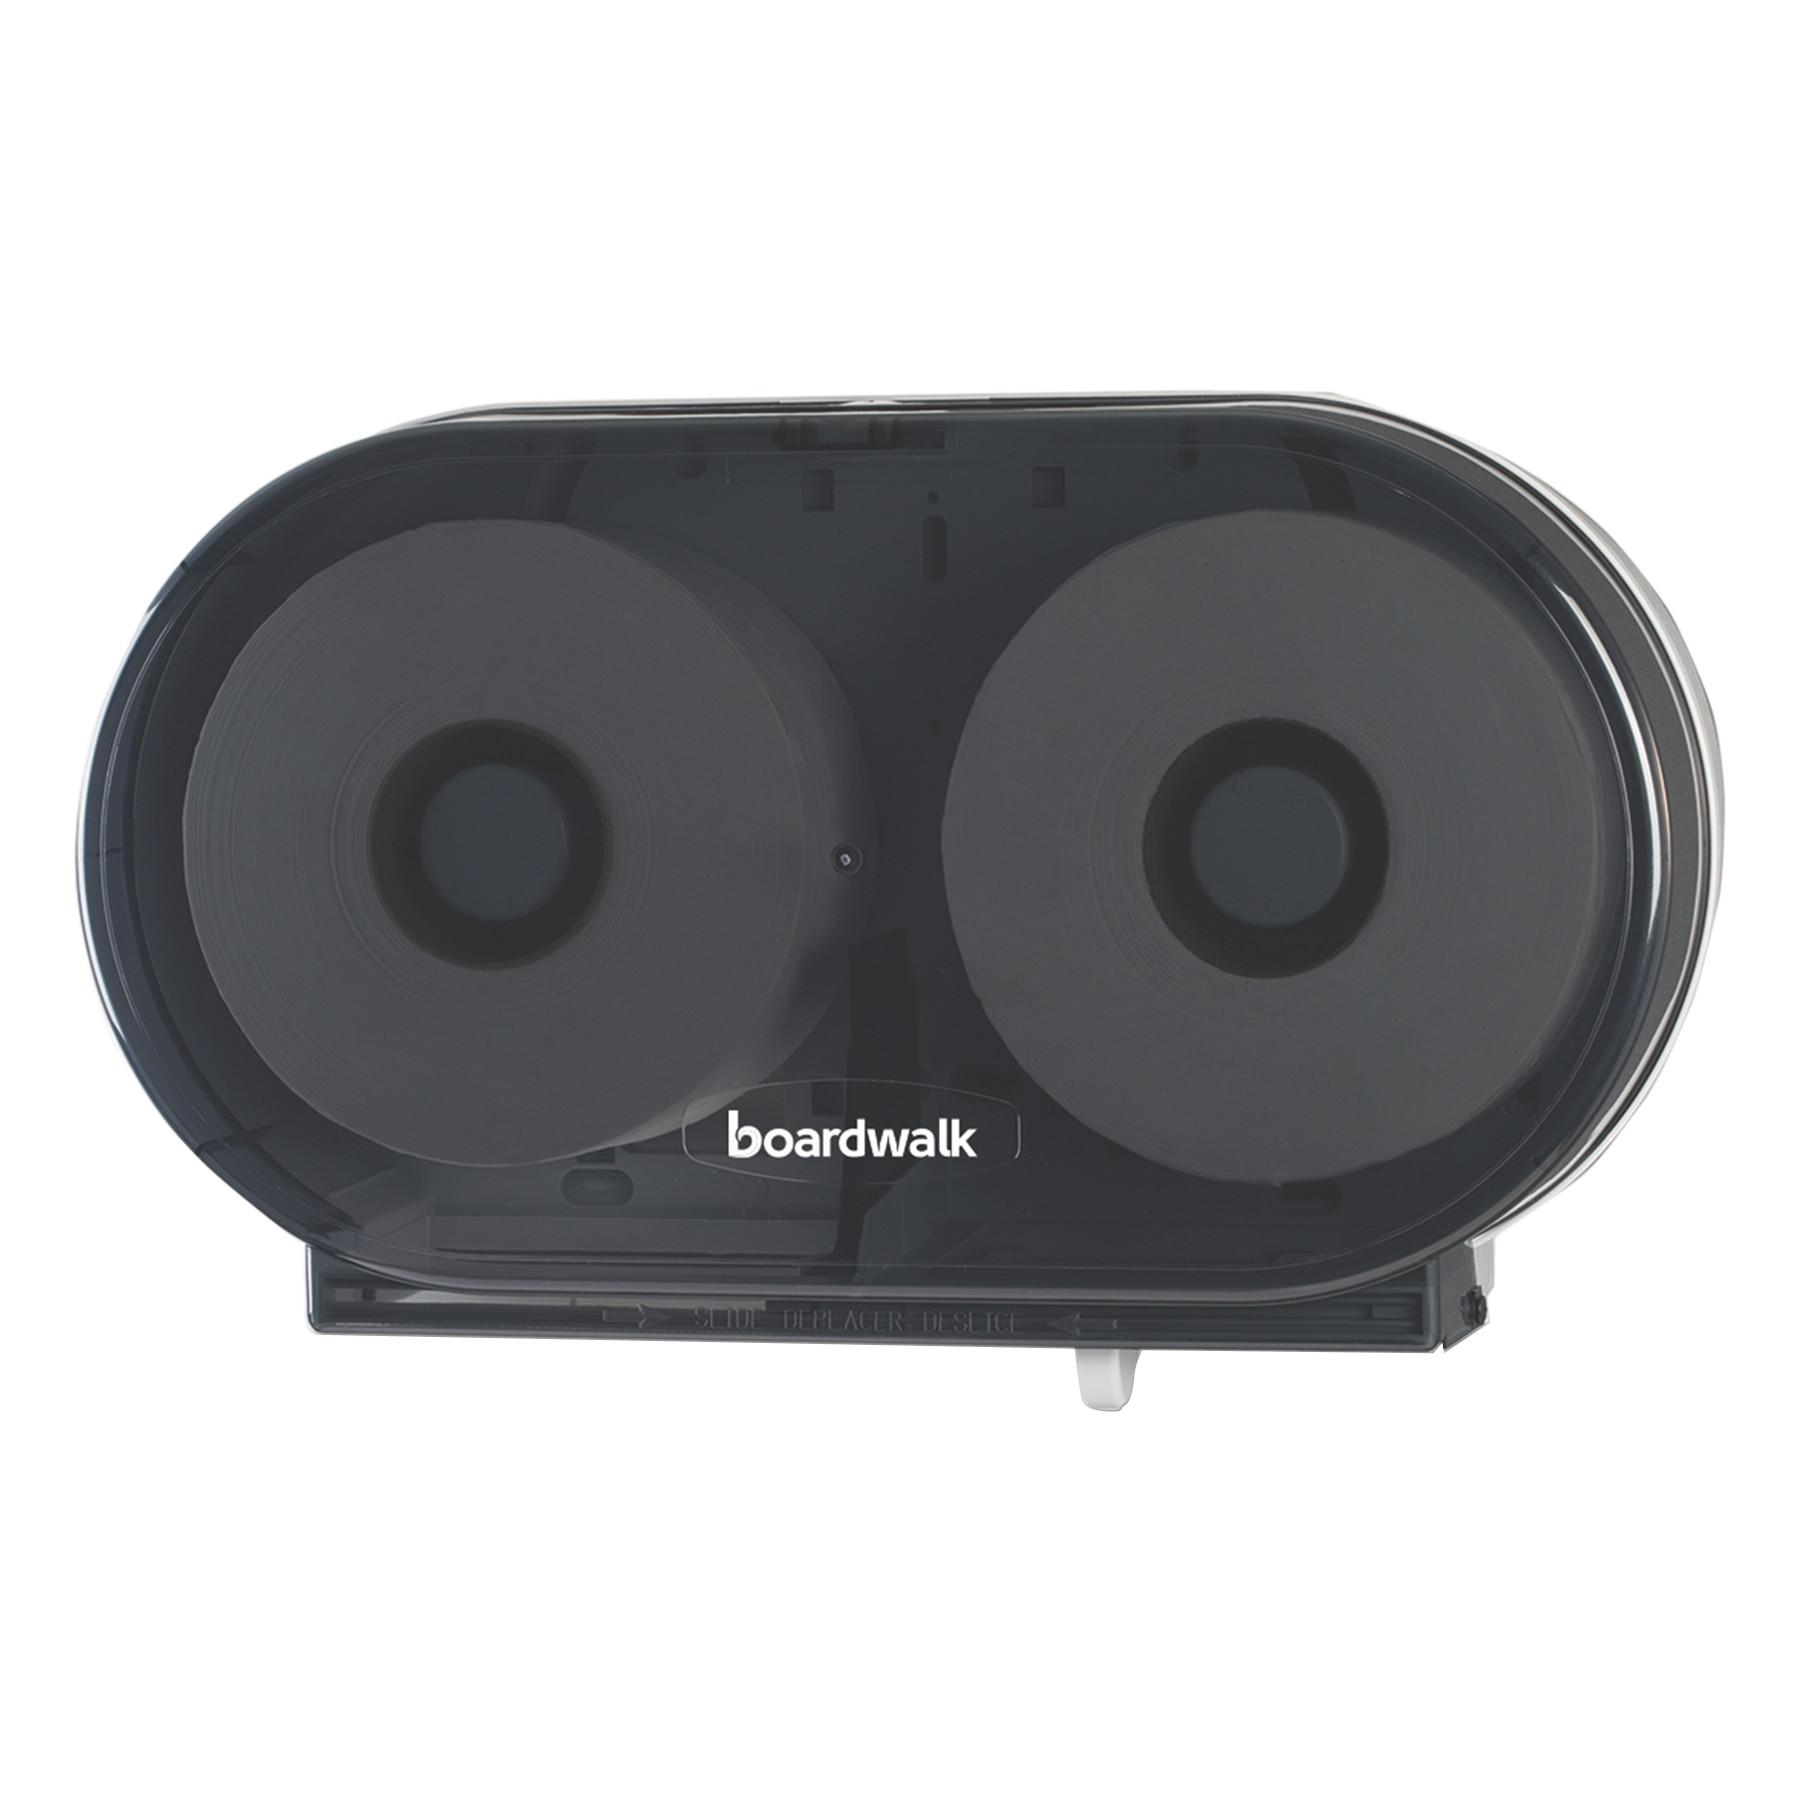 Boardwalk Jumbo Twin Toilet Tissue Dispenser, Smoke Black, 5.938 x 22.437 x 13 7/8 -BWKJT210SBBW